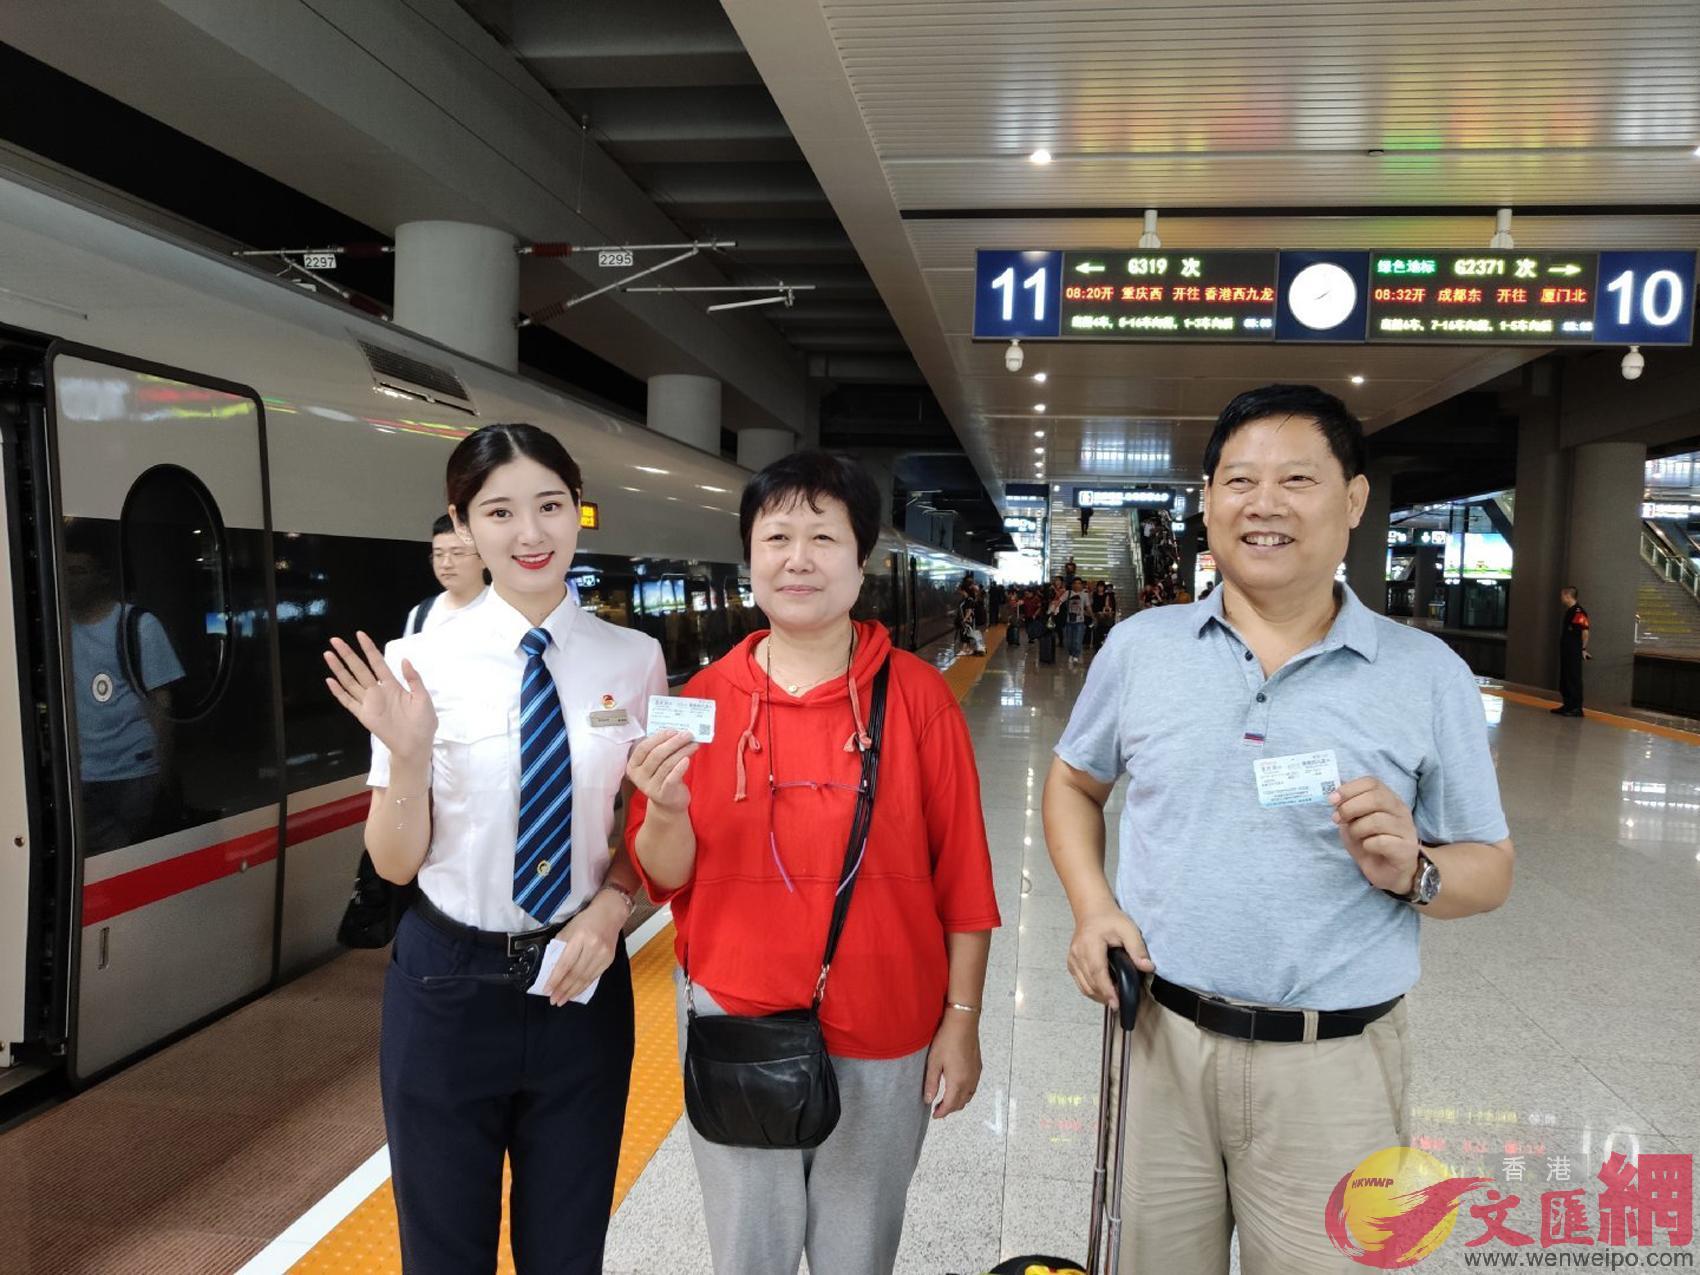 今年66歲的劉建國先生(右一)與家人將乘坐首發列車去香港度假(孟冰 攝)